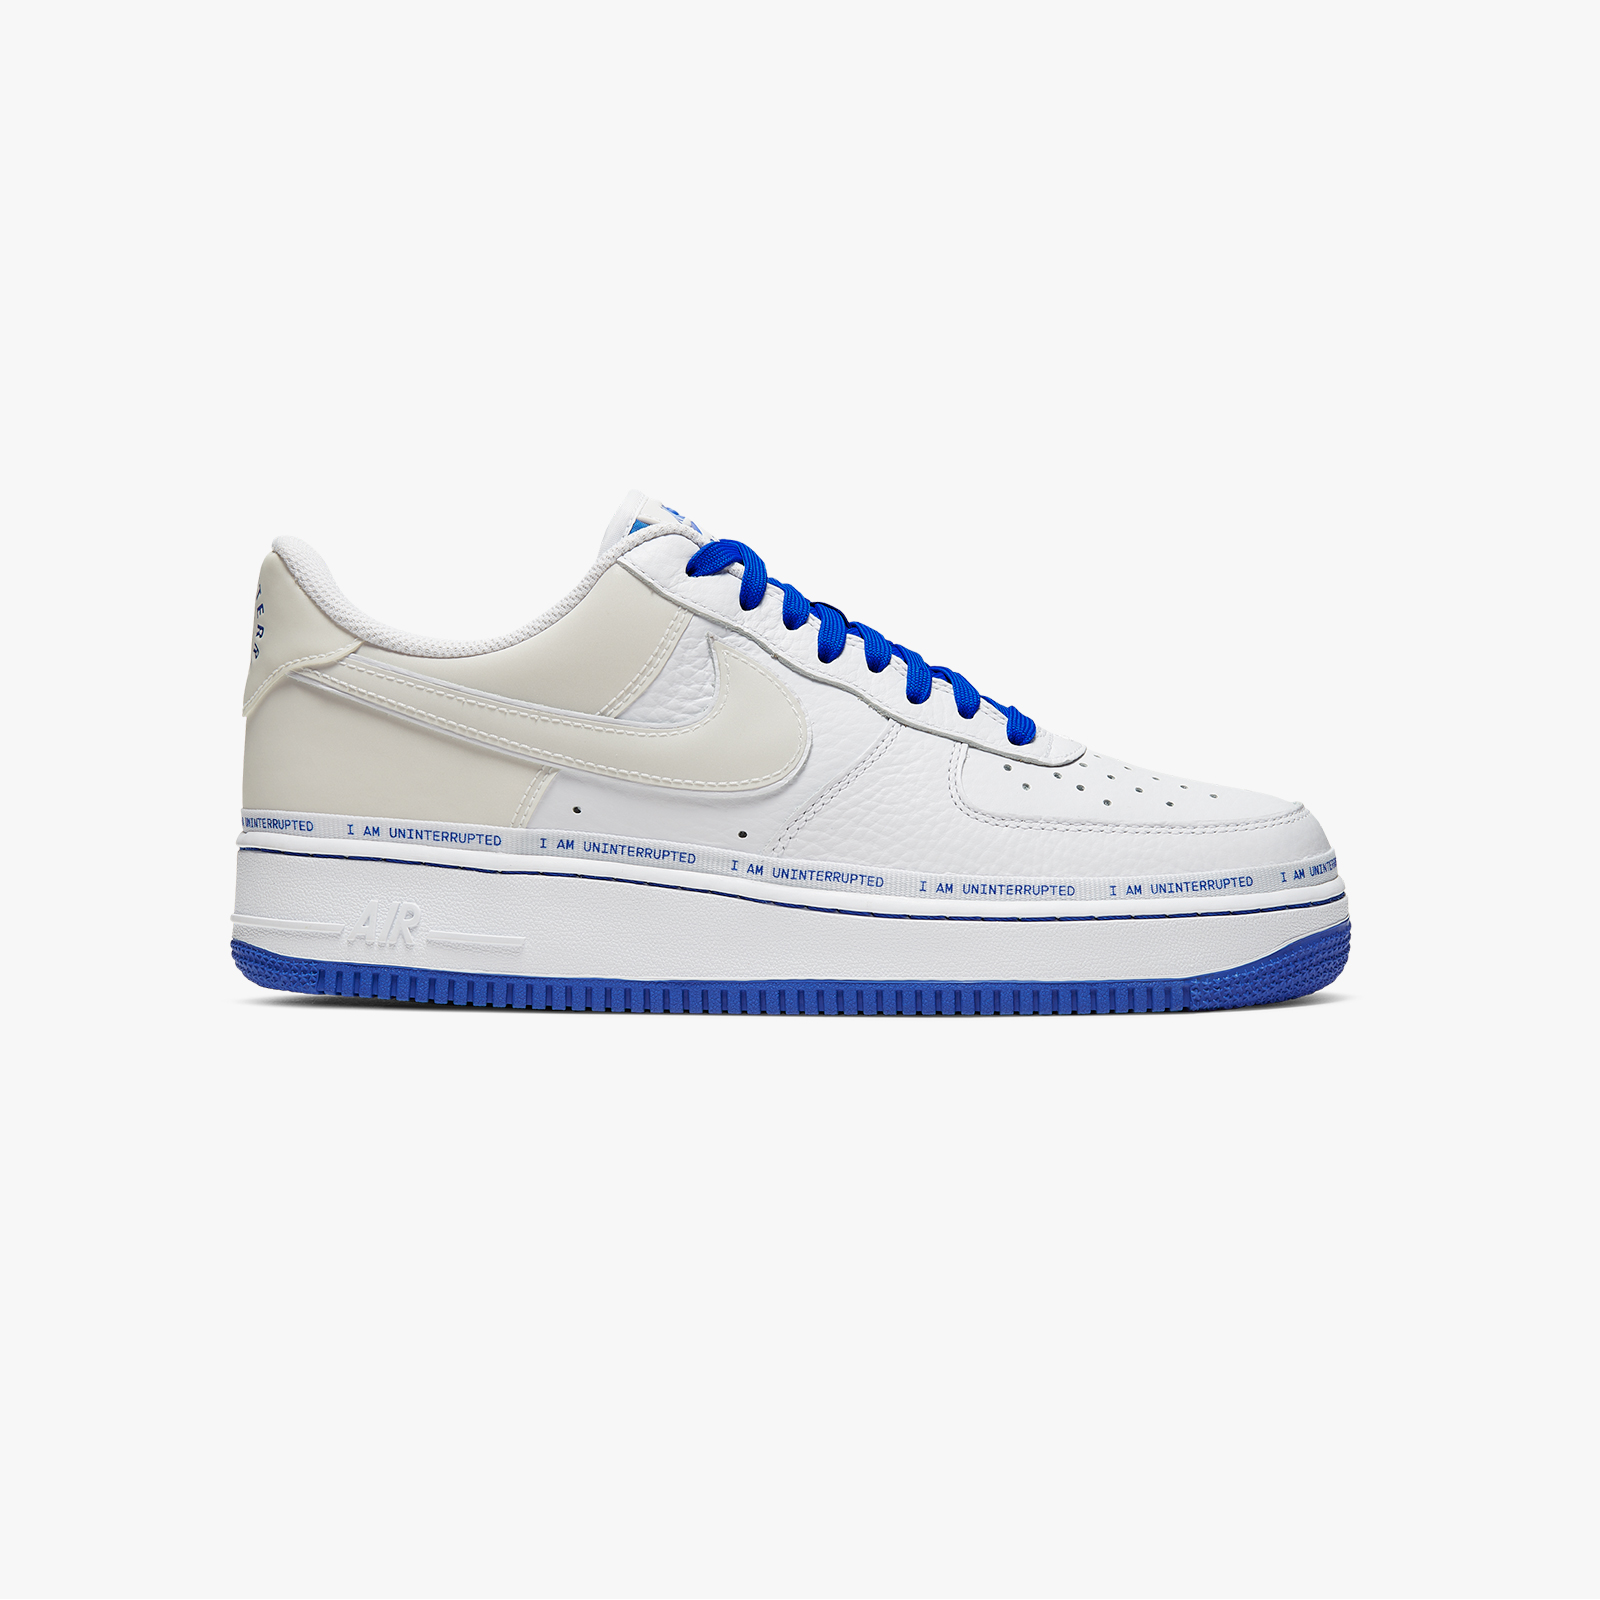 Nike Nike Air Force 1 '07 LV8 3 Weiß Blau Metall